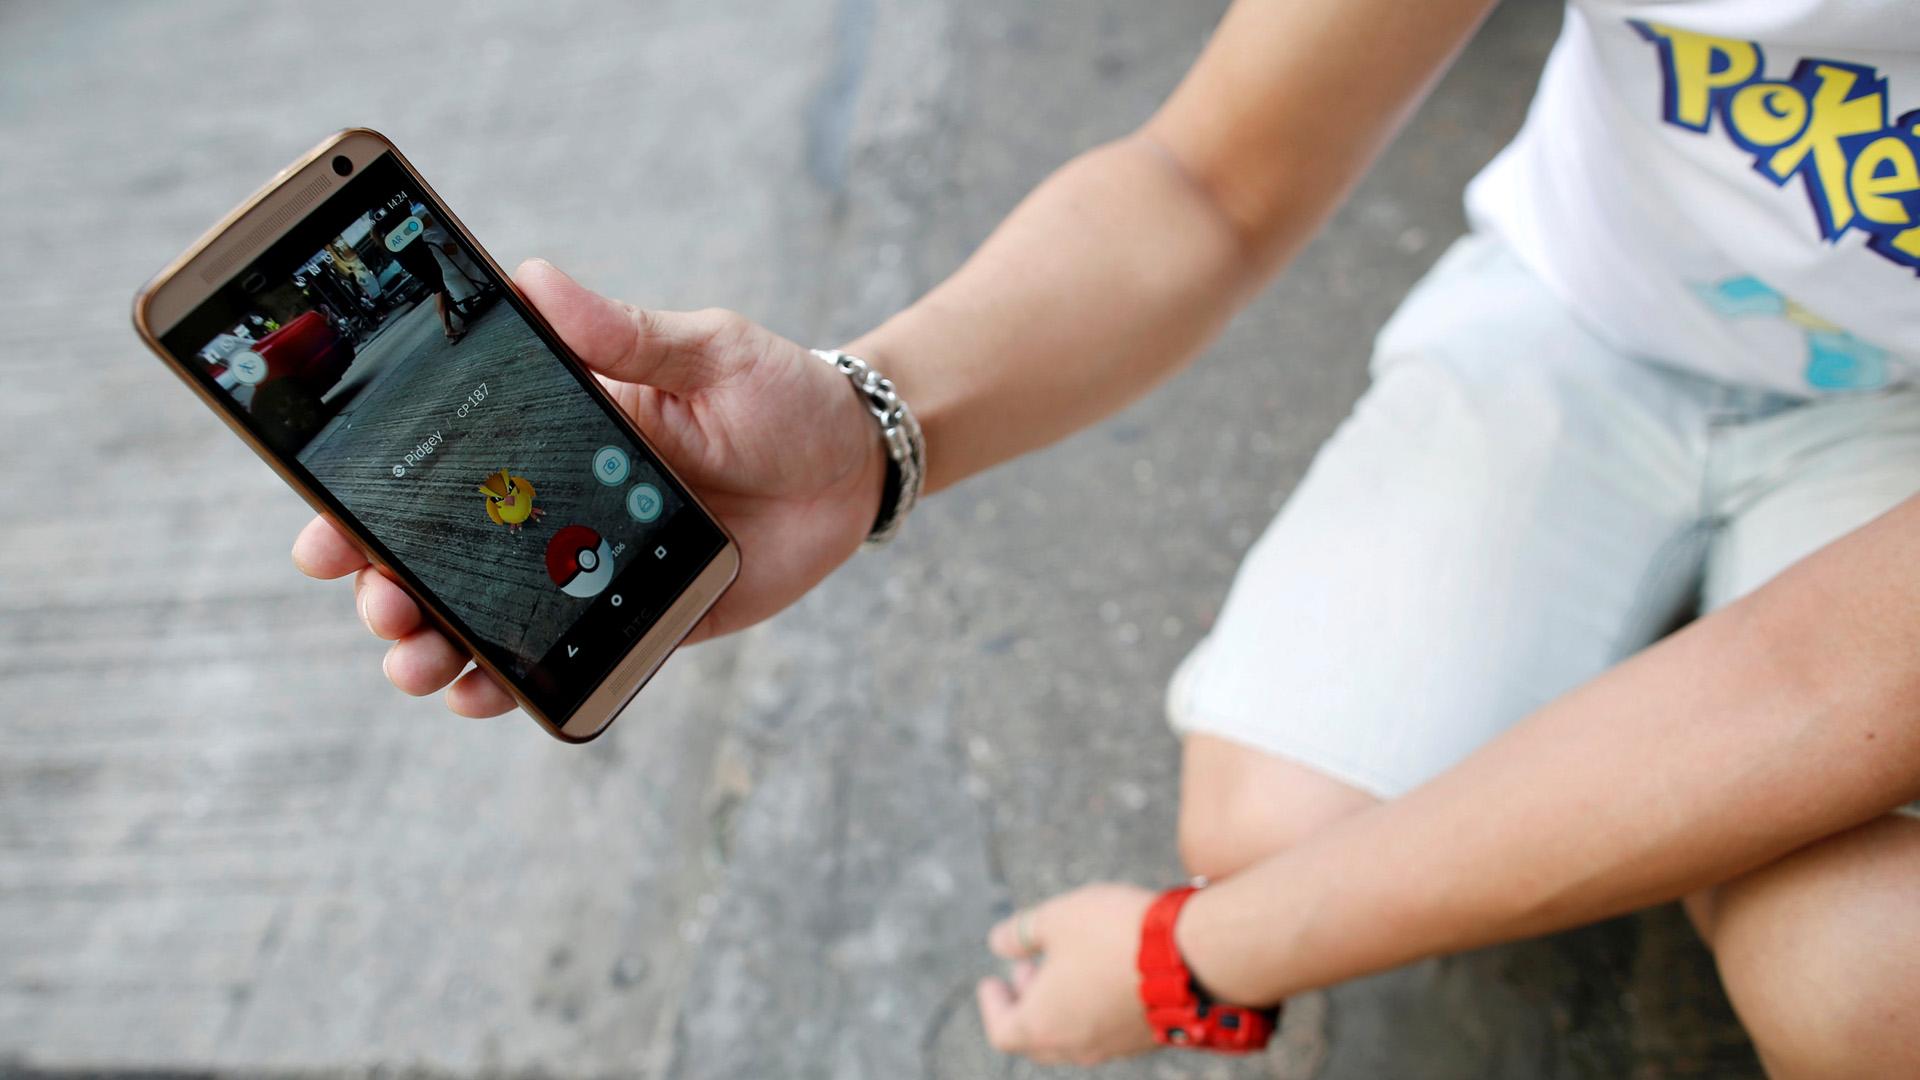 Las autoridades de Irán y Malasia prohibieron a sus habitantes vincularse al juego virtual ya que lo consideran peligroso para la sociedad